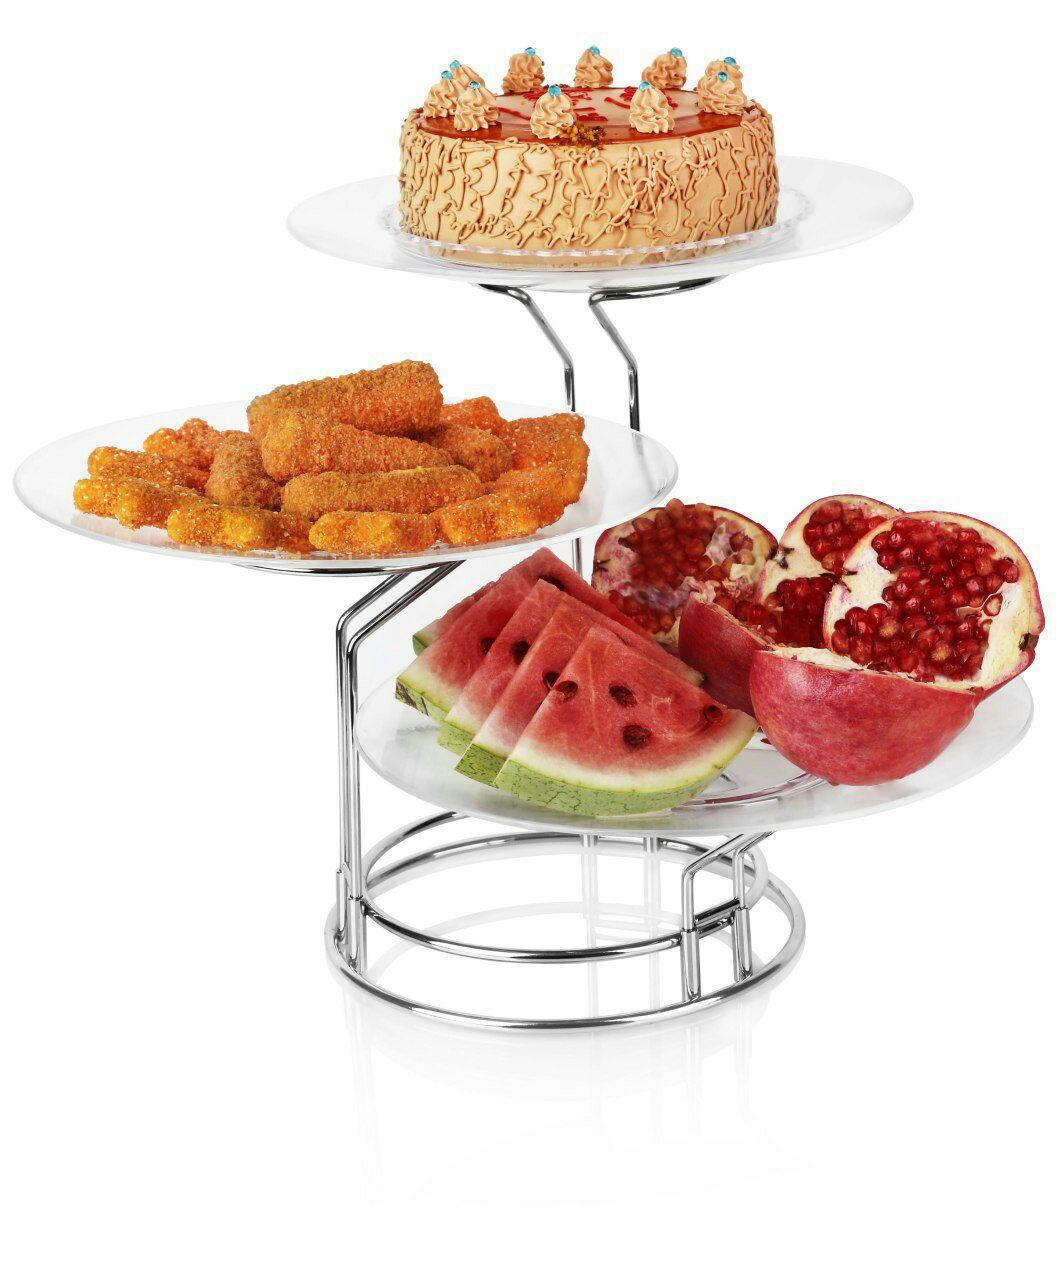 دیس پایه دار میوه و شیرینی سه تایی